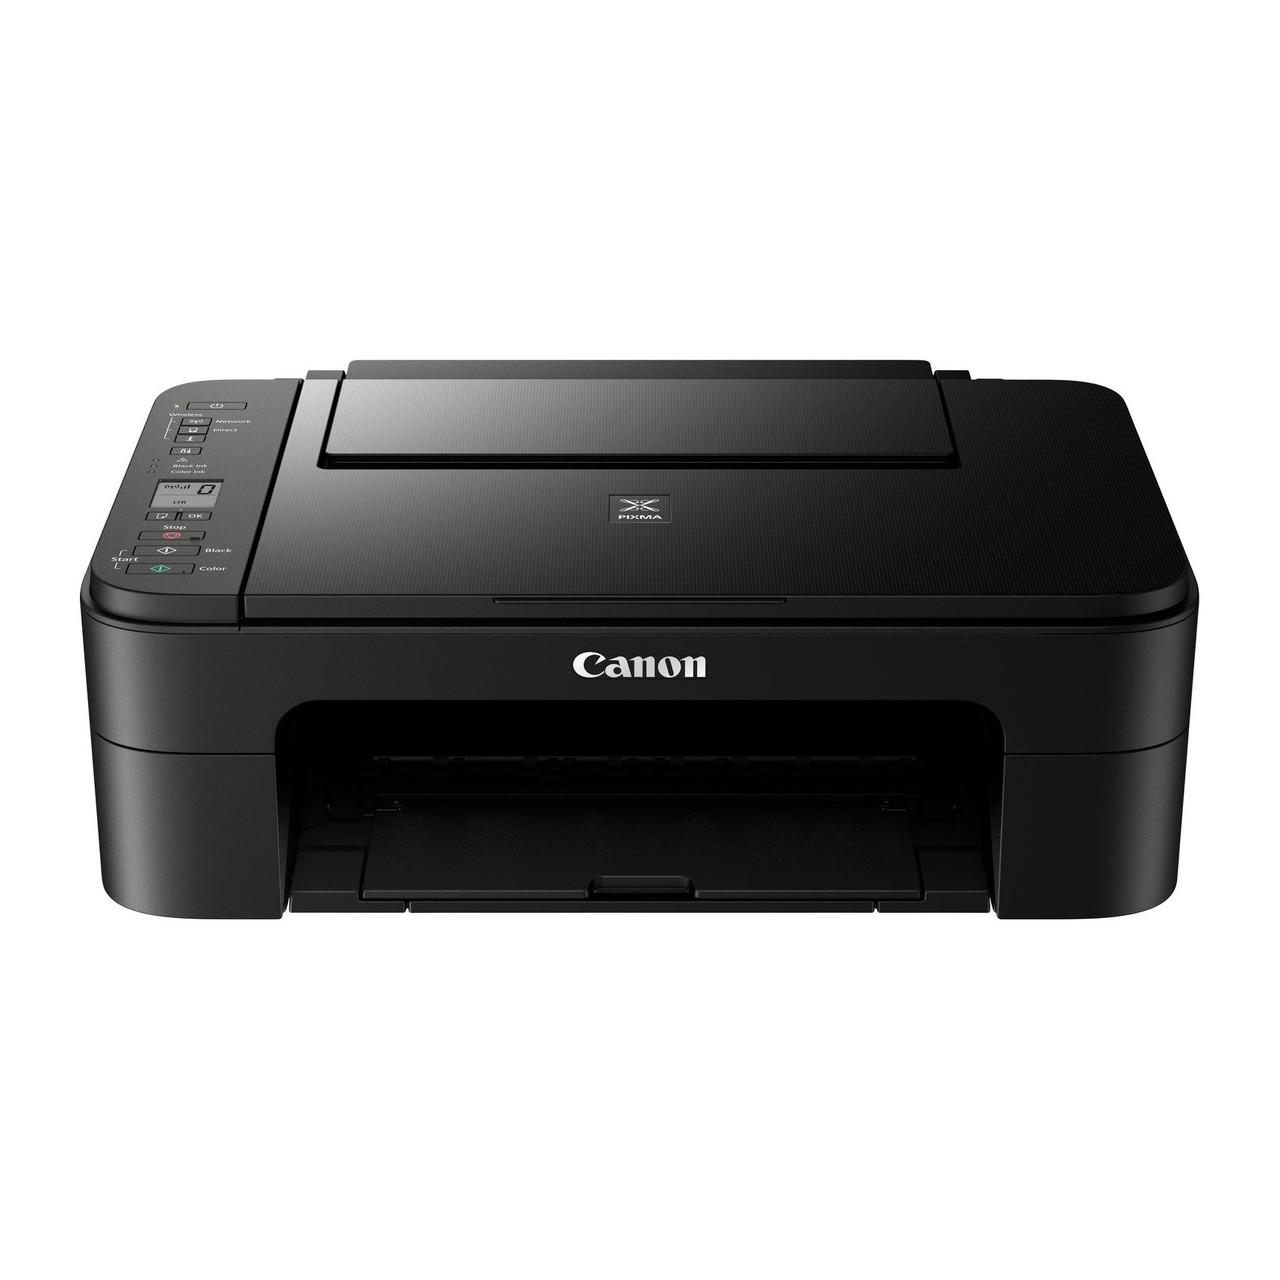 БФП Canon PIXMA TS3150 (2226C006)